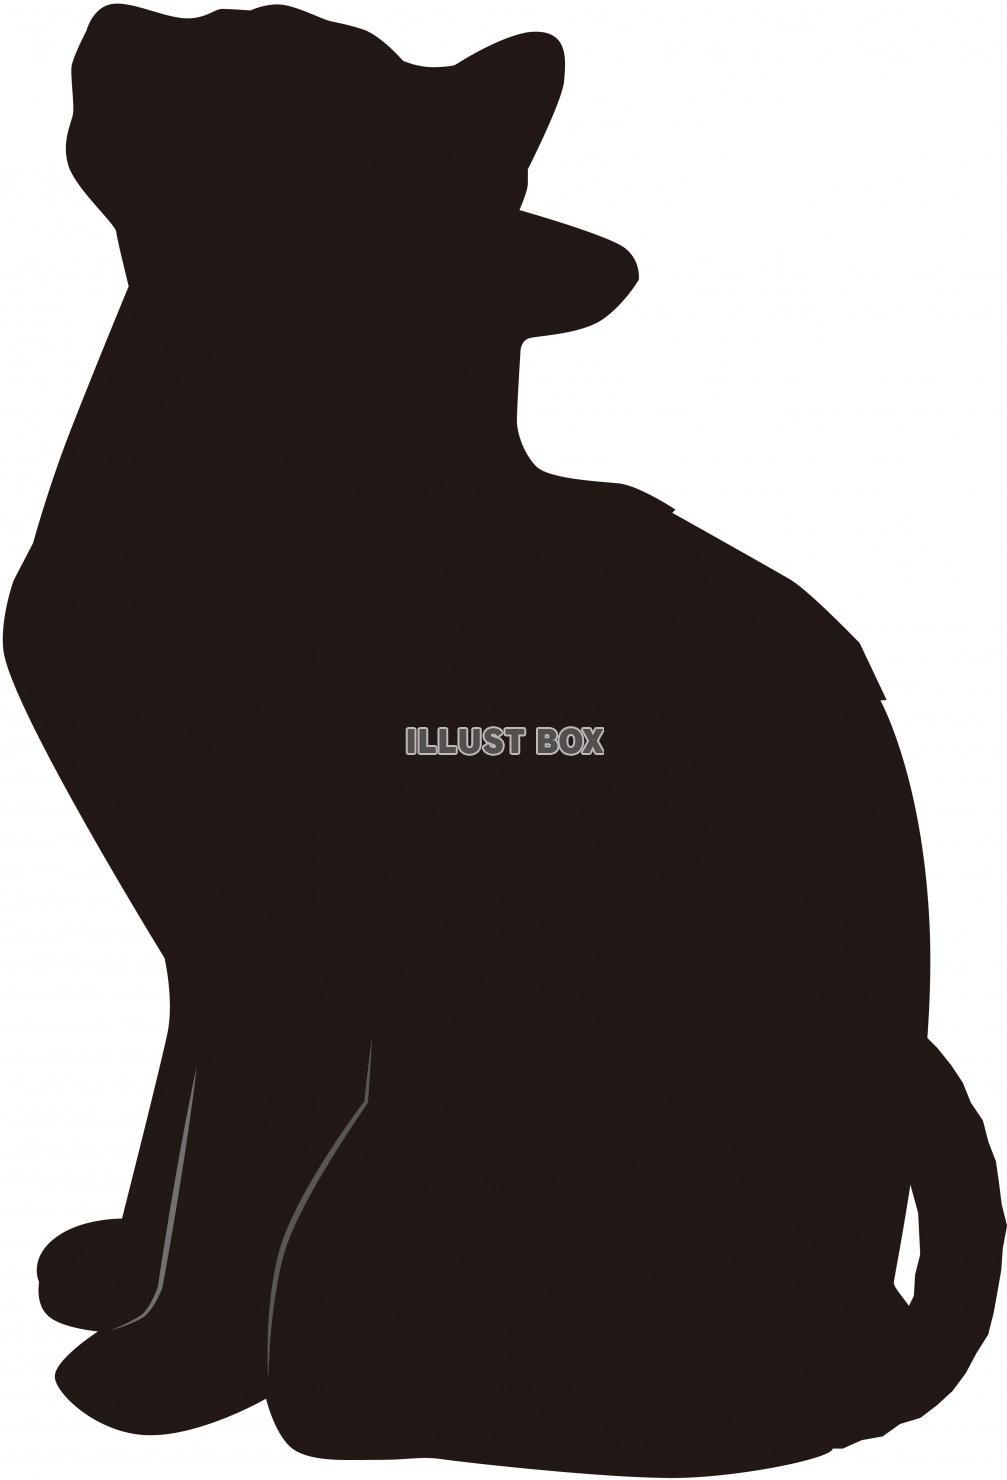 猫 白黒 シルエット イラストが無料 イラストボックス